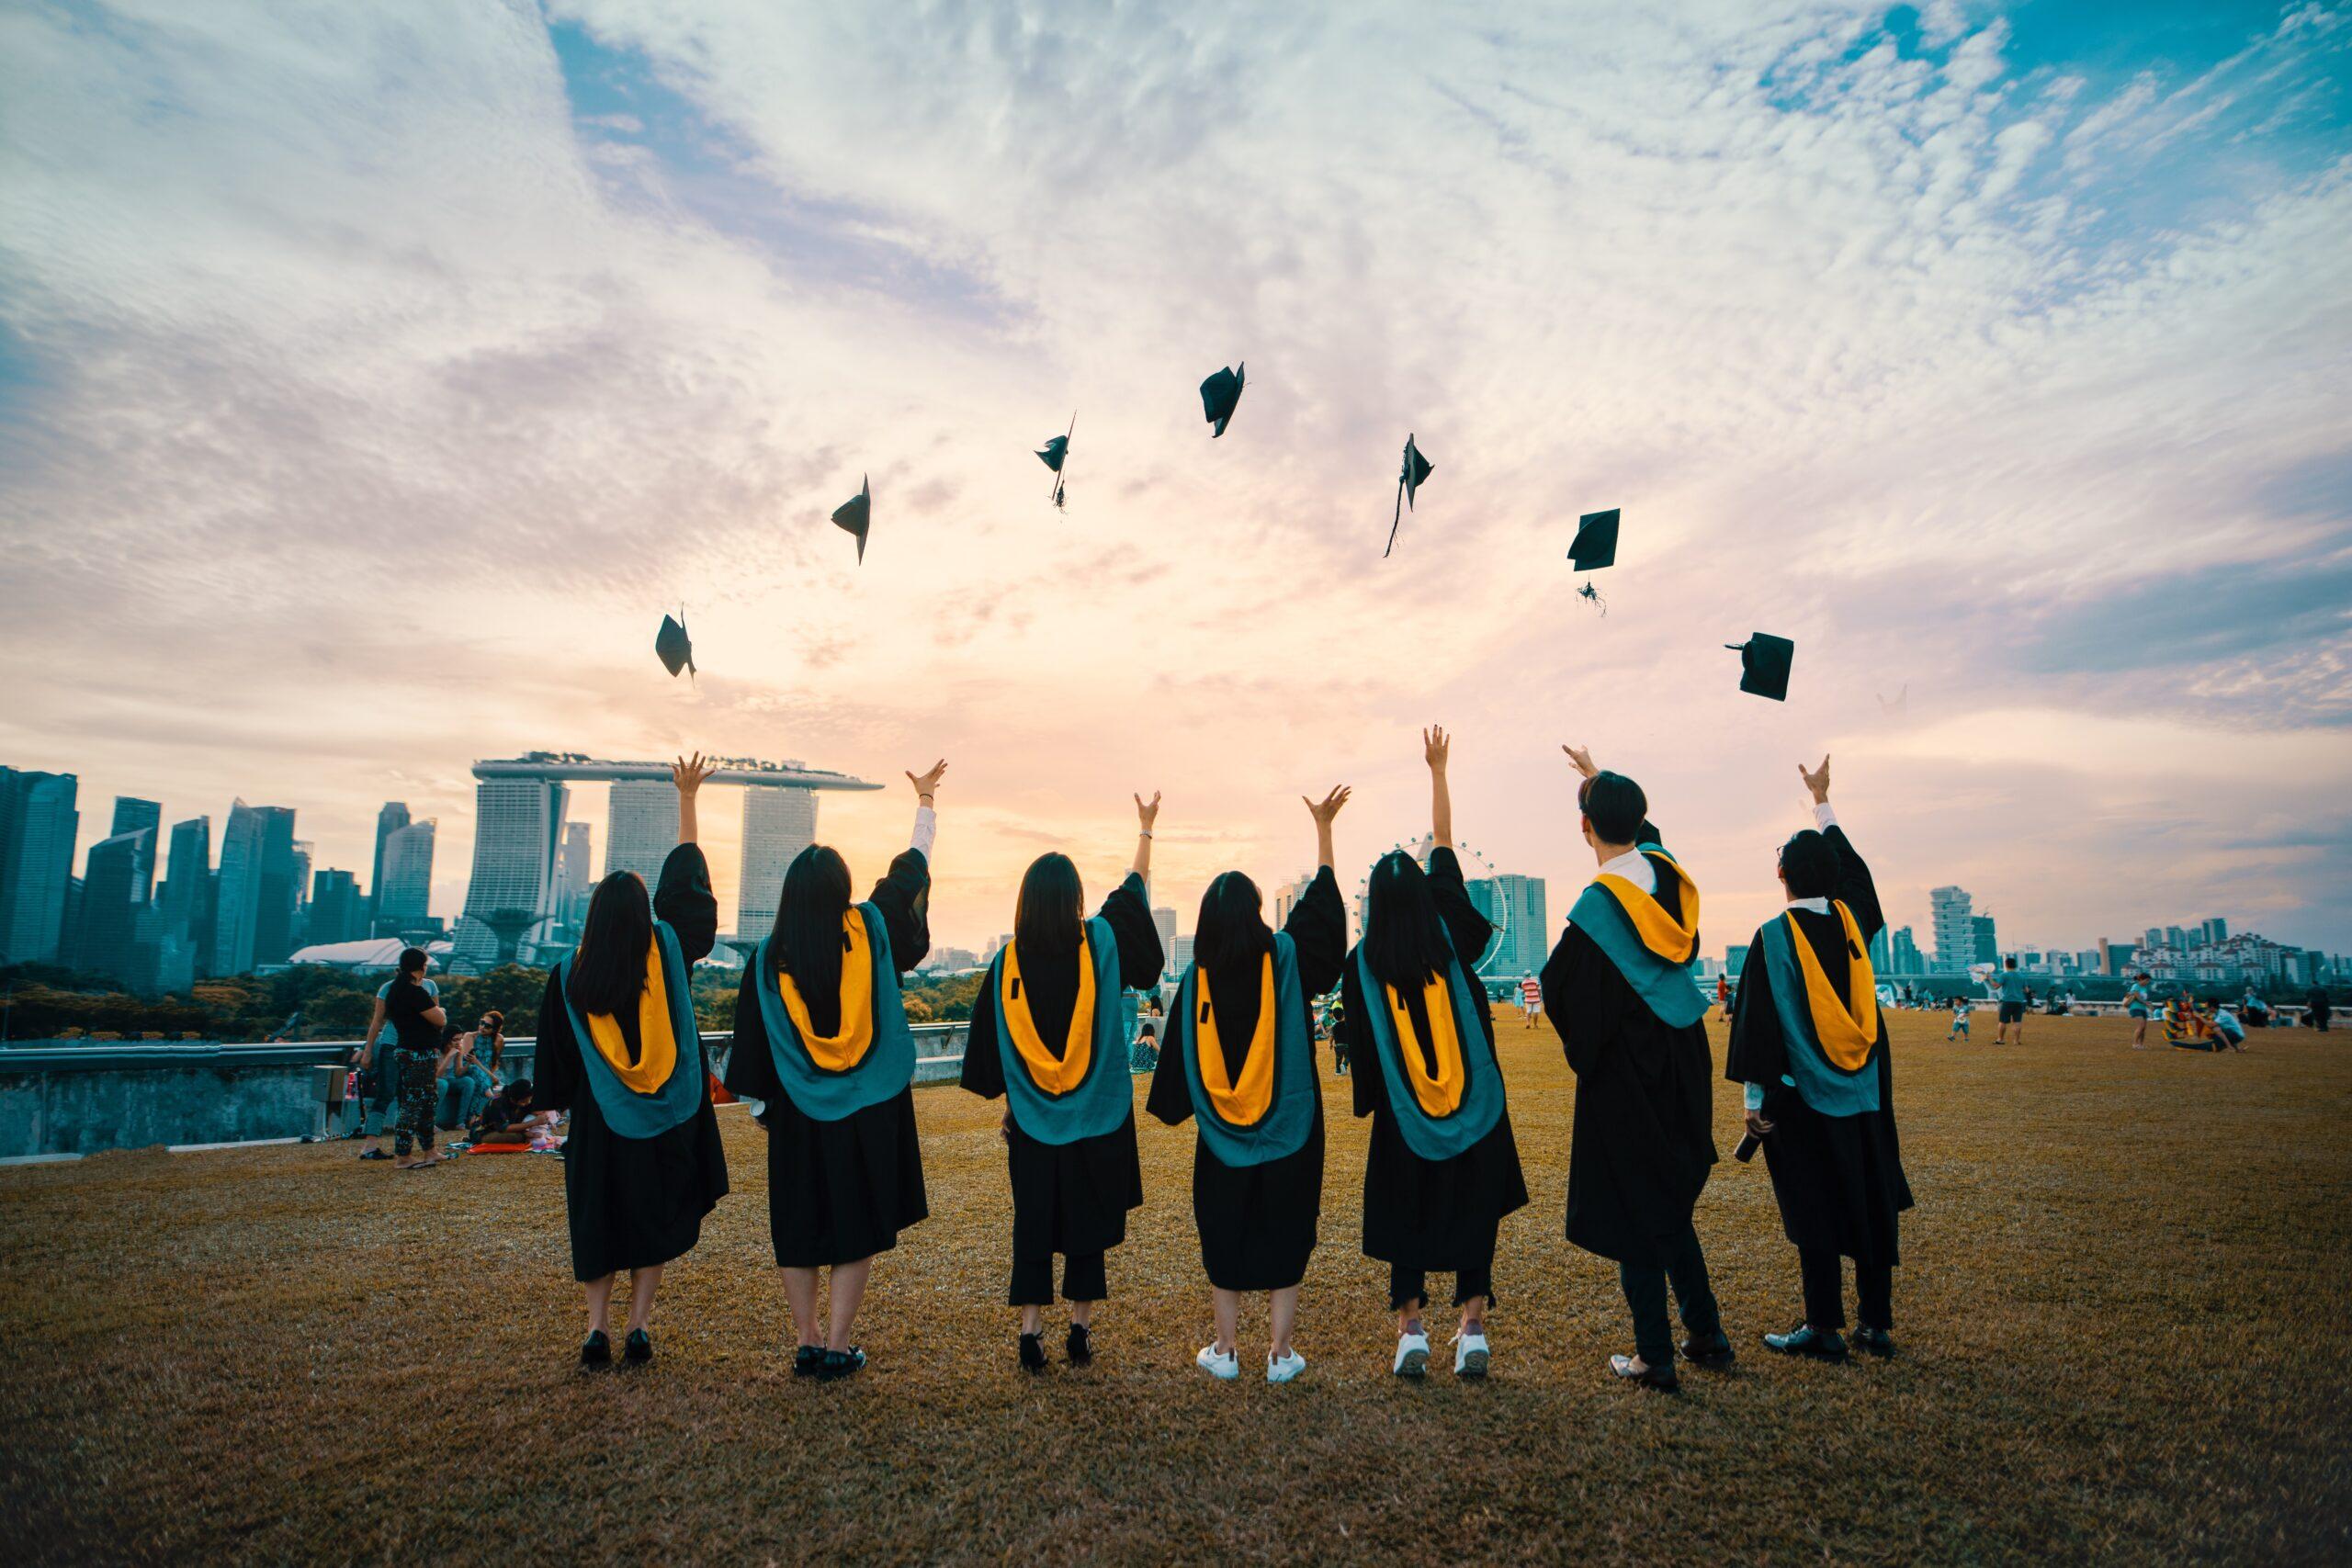 Prestiti d'onore | Come funziona il credito agli studenti universitari nei Paesi europei